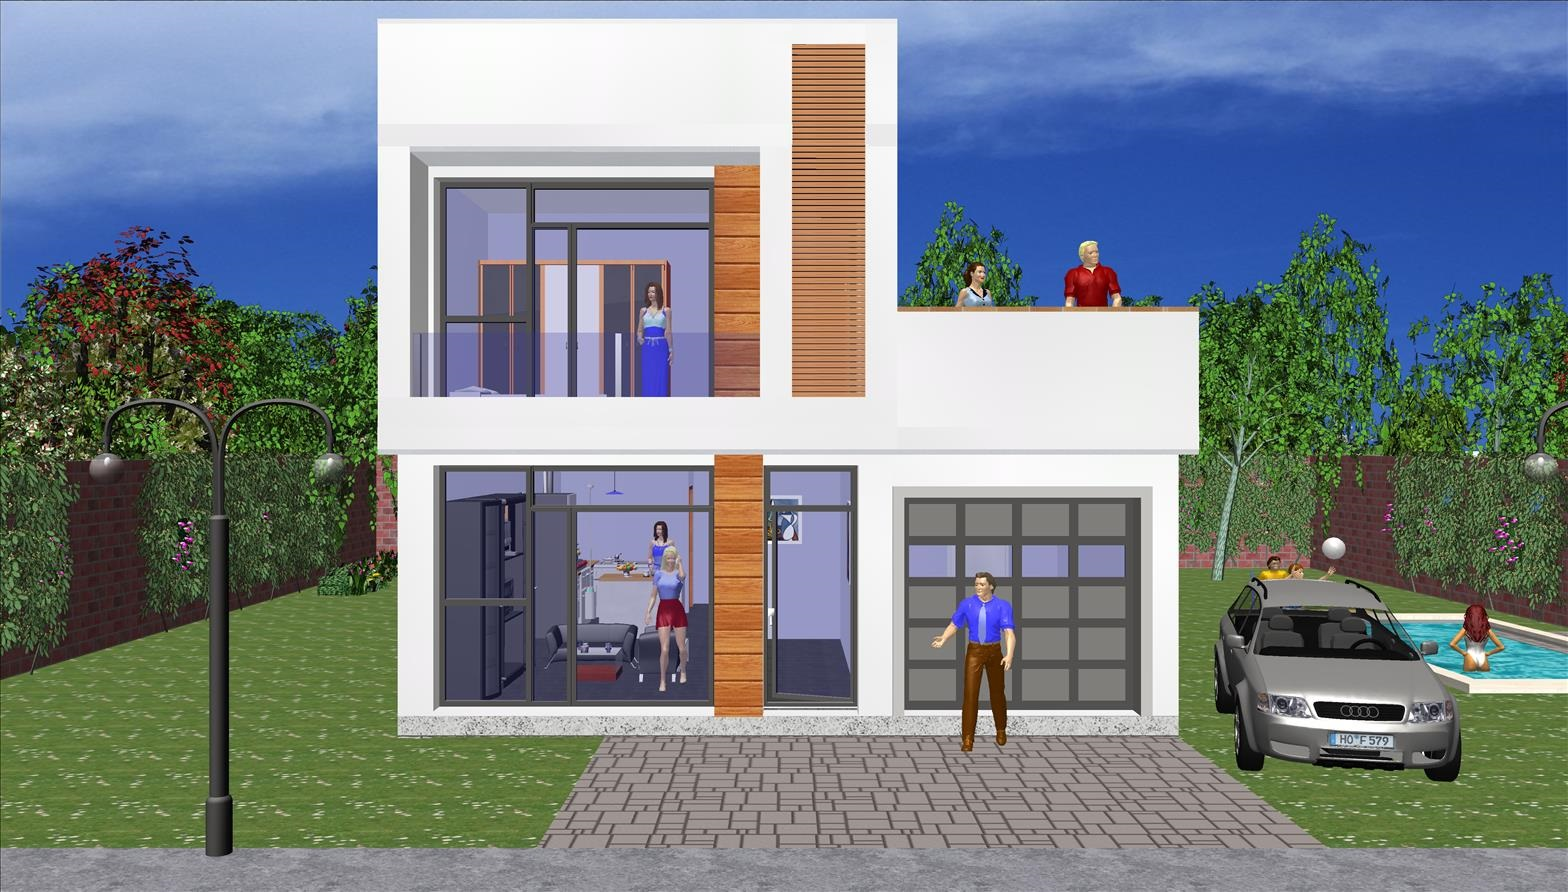 Maison moderne 122,22 m² Terrasse Gratuit Prix 122.945,38 € TTC – Conforme à la RT 2020